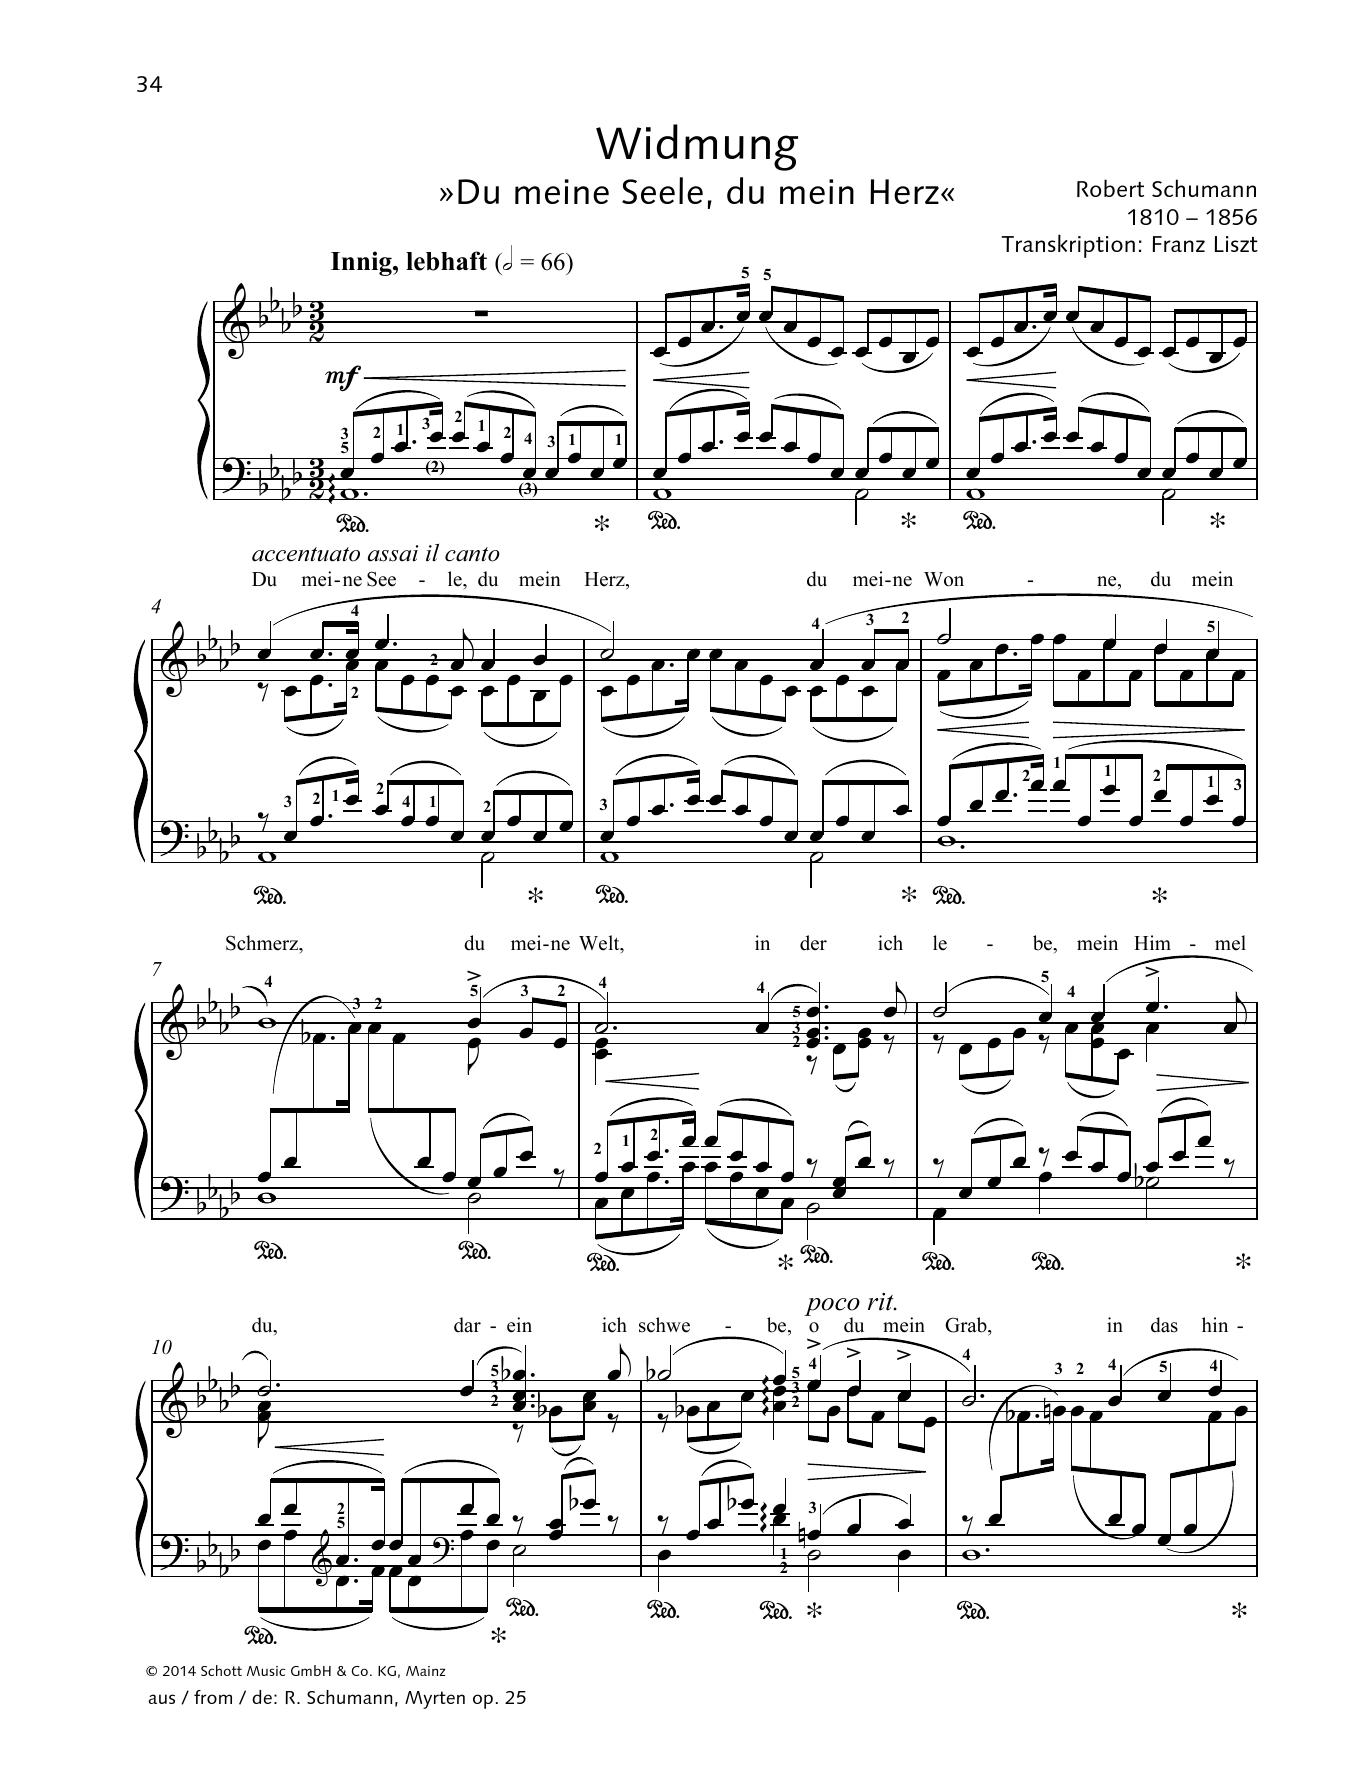 Widmung Sheet Music